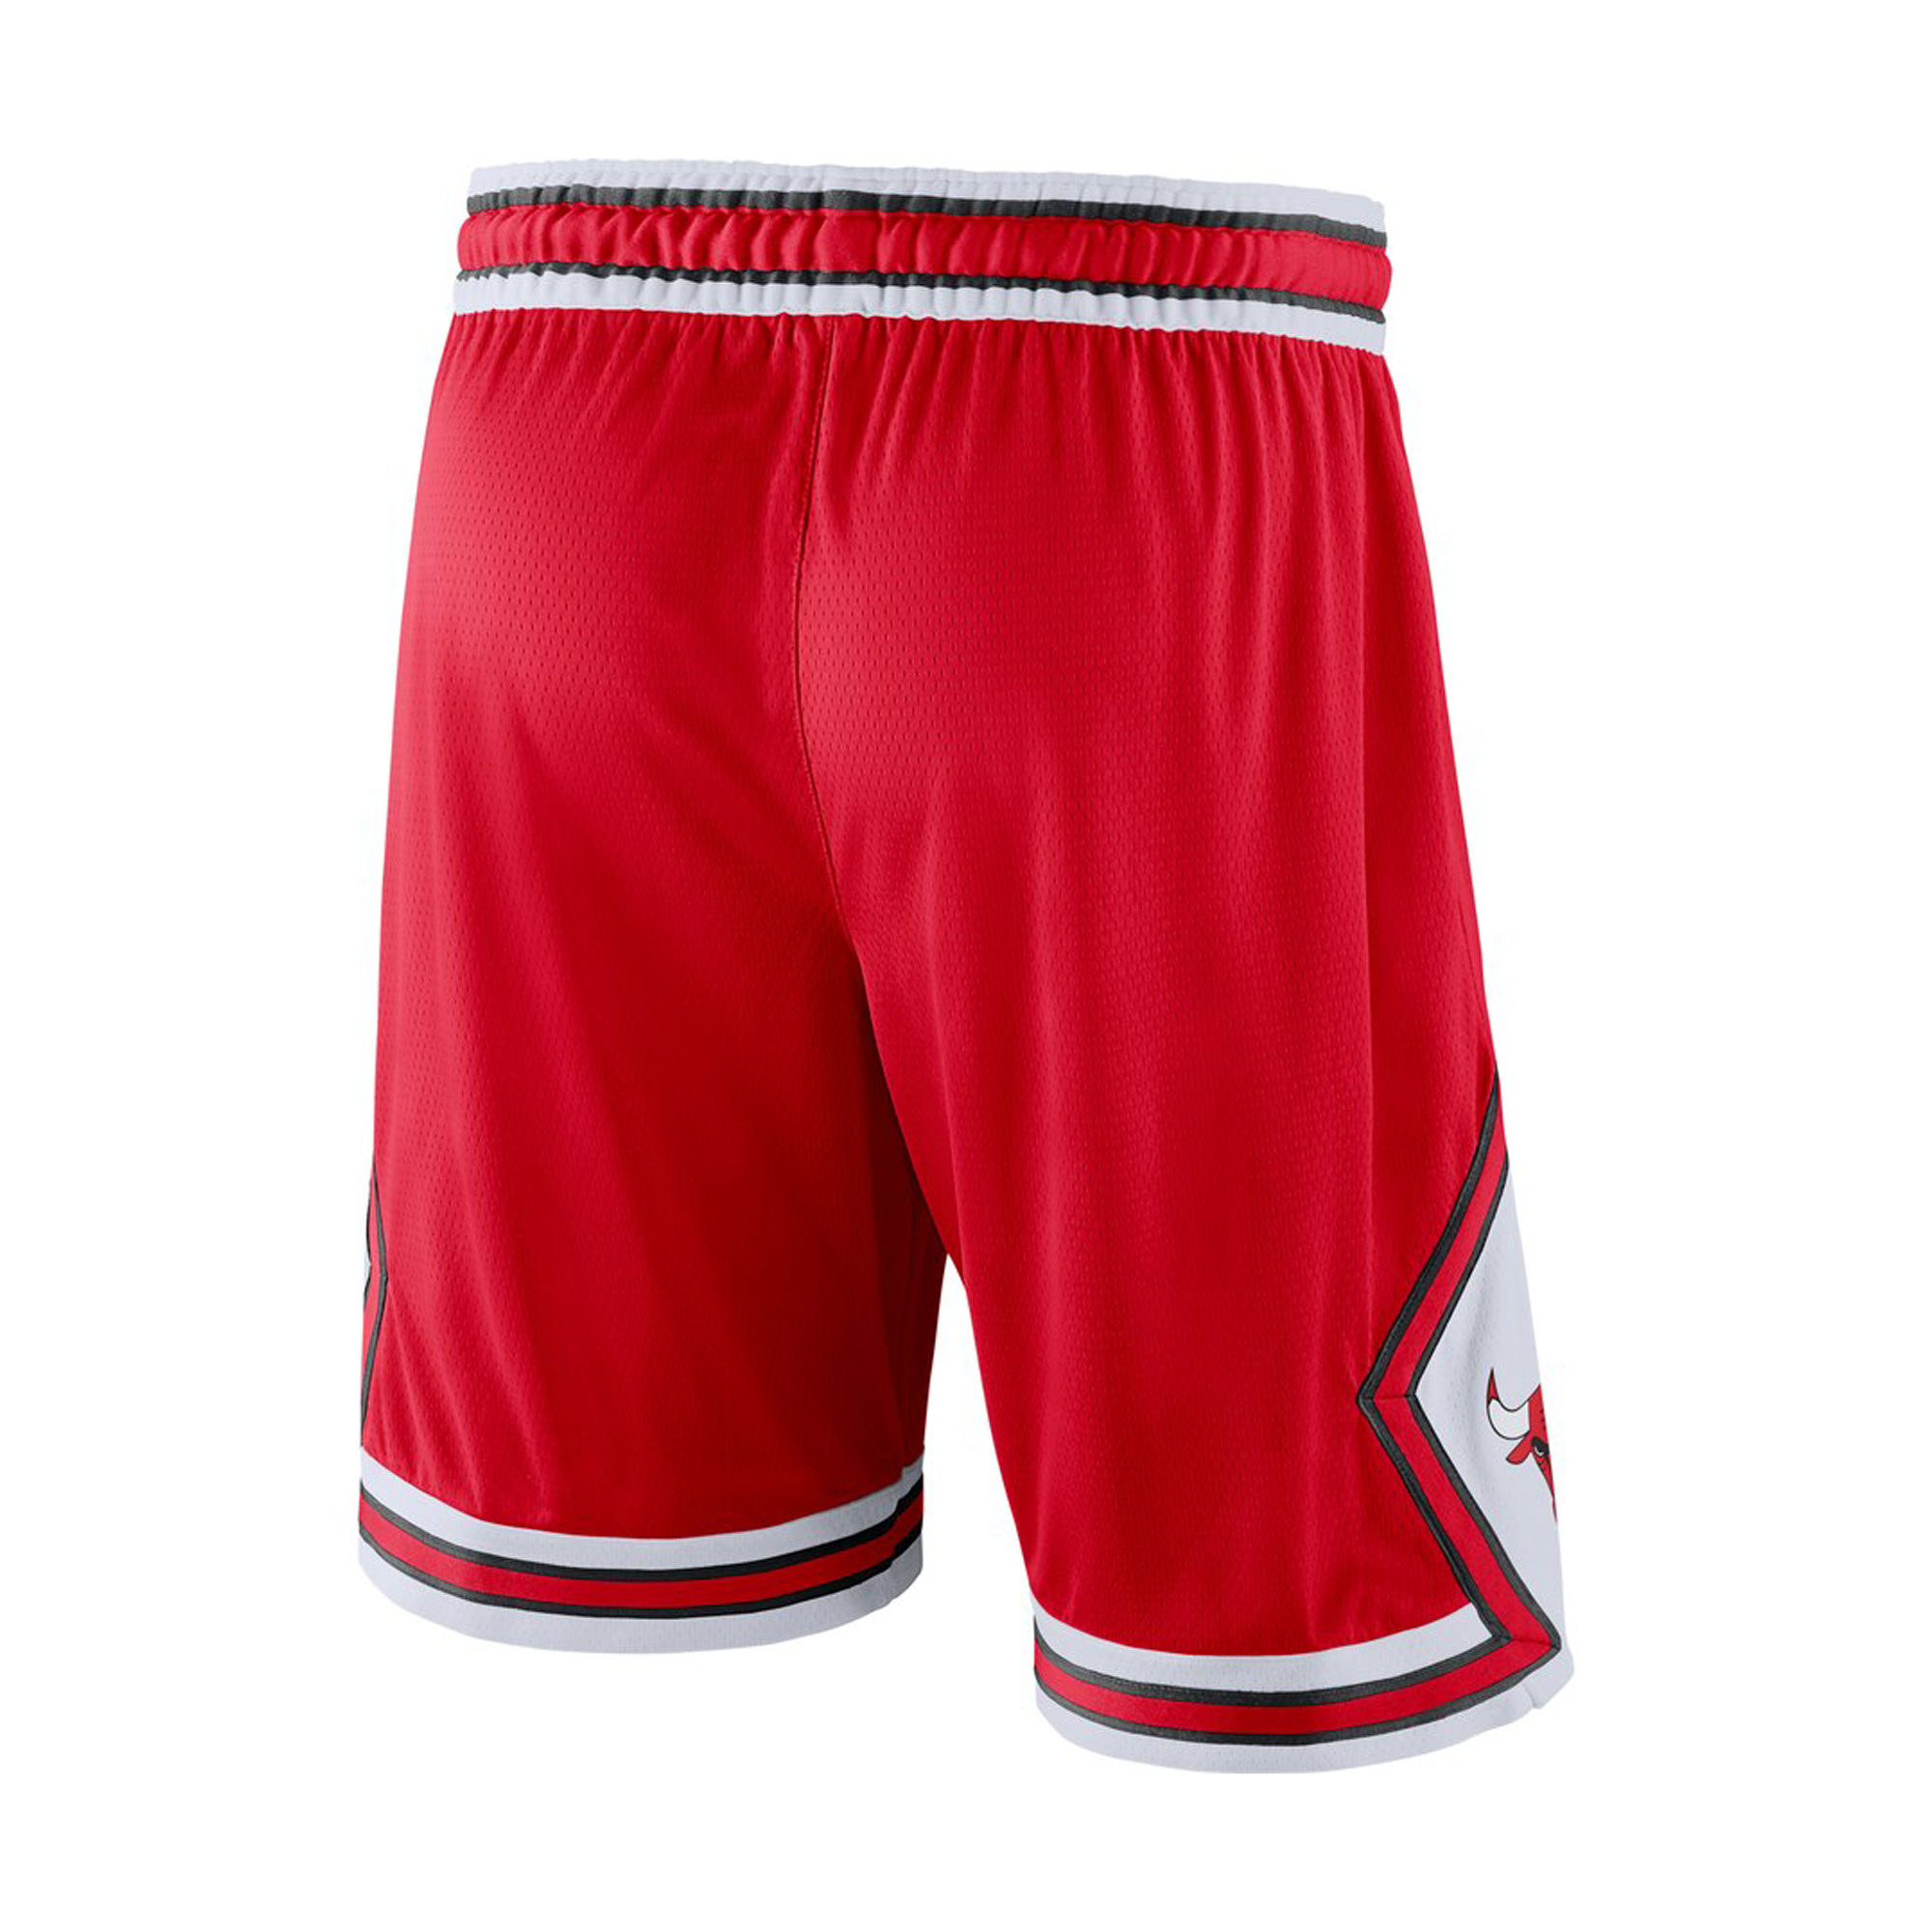 Chicago Bulls Short (SRT-RED-BULLS)